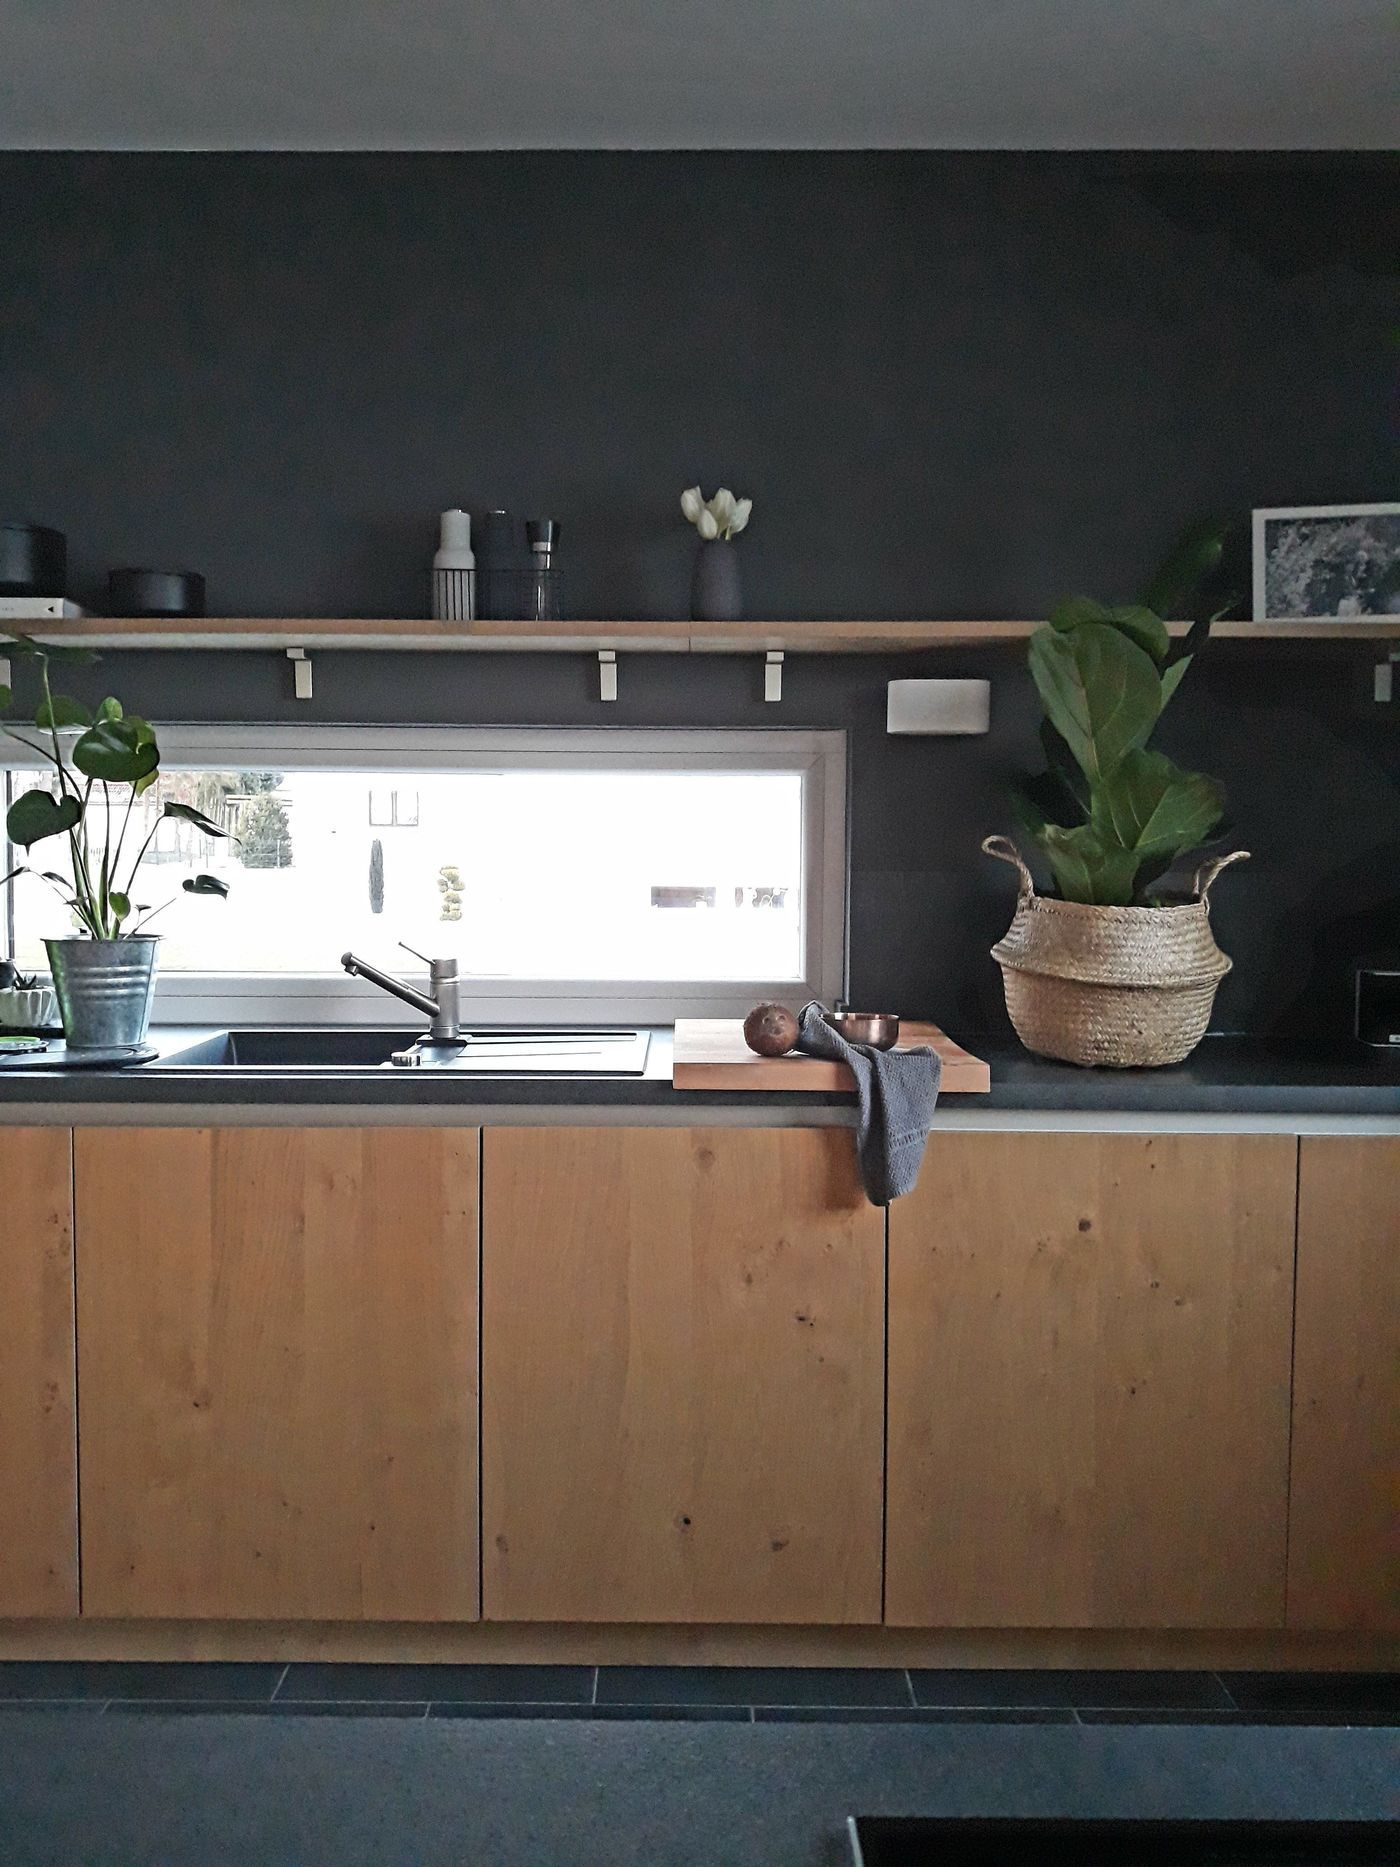 Full Size of Besten Ideen Fr Wandgestaltung In Der Kche Deckenleuchten Küche Pentryküche Landhausküche Grau Nolte Blende Holzofen Holzfliesen Bad Fliesen Fürs Wohnzimmer Fliesen Küche Beispiele